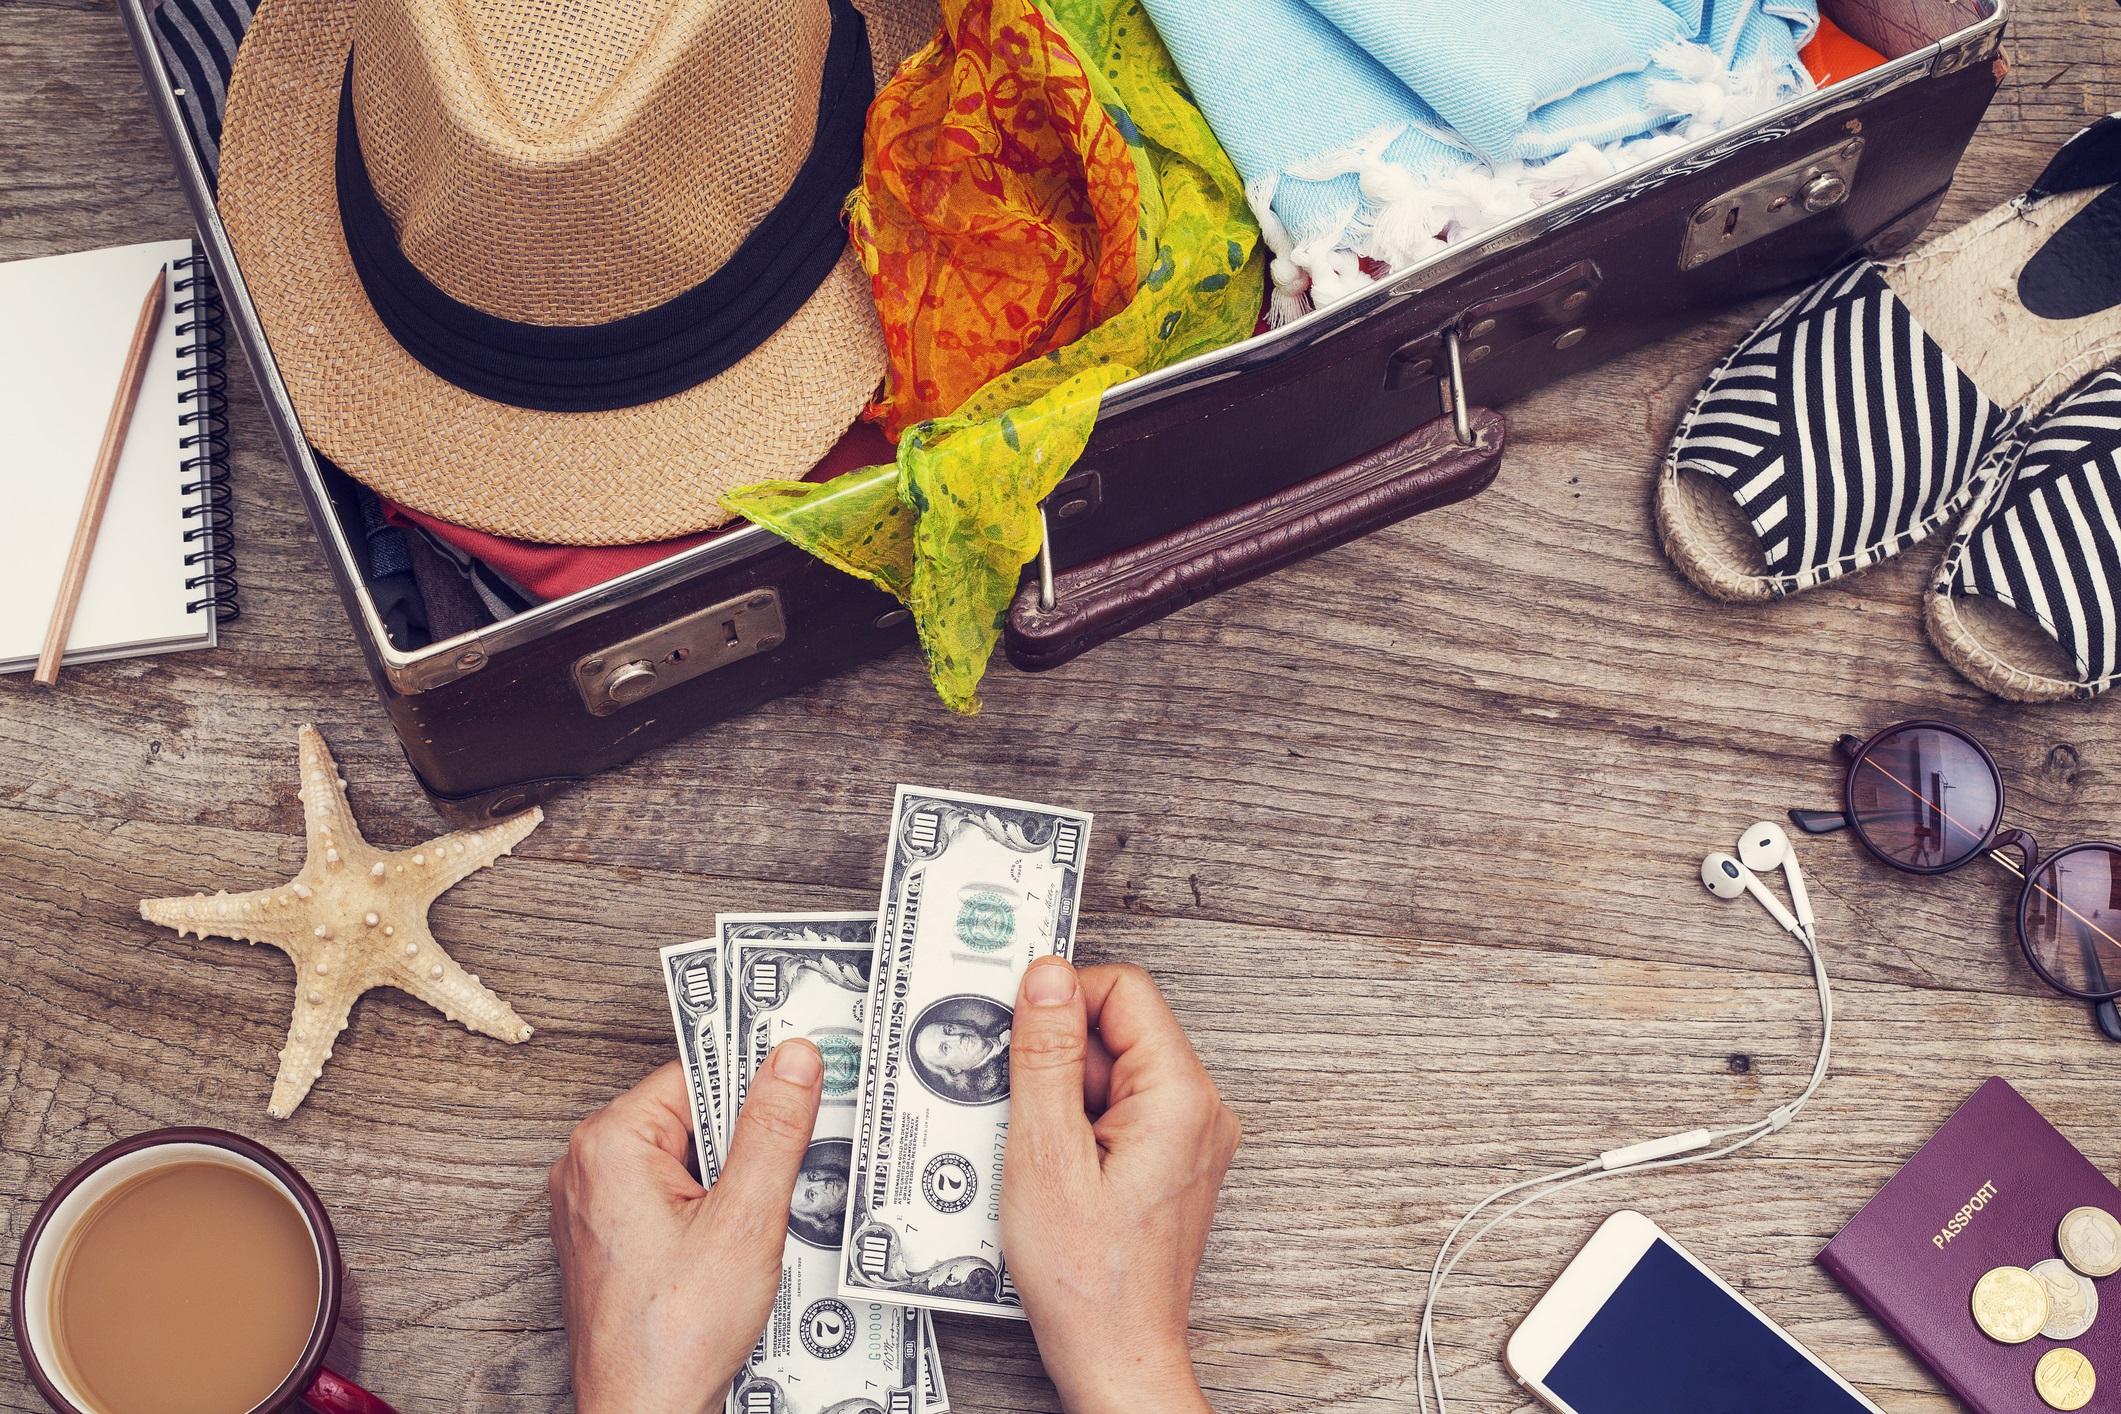 Определете бюджет<br /> <br /> Нищо не може да съсипе ваканционното настроение така, както когато разберете, че сте похарчили за пътуването повече, отколкото сте планирали. Ето защо, щом решите къде ще отидете, уточнете как ще бъде платено пътуването. Определете не само това, което всеки от вас е готов да похарчи, но и делът, с който всеки от вас ще участва във финансирането на пътуването. Може да си разделите разходите, може партньорът ви да държи да поеме всичко, но не предполагайте. Парите са труден и досаден въпрос, особено в нова връзка, но пътуването може да се окаже скъпо, затова бъдете честни за това, кой какво плаща и каква е горната ви граница,. Колкото по-малко изненадващи разходи, толкова по-добре.